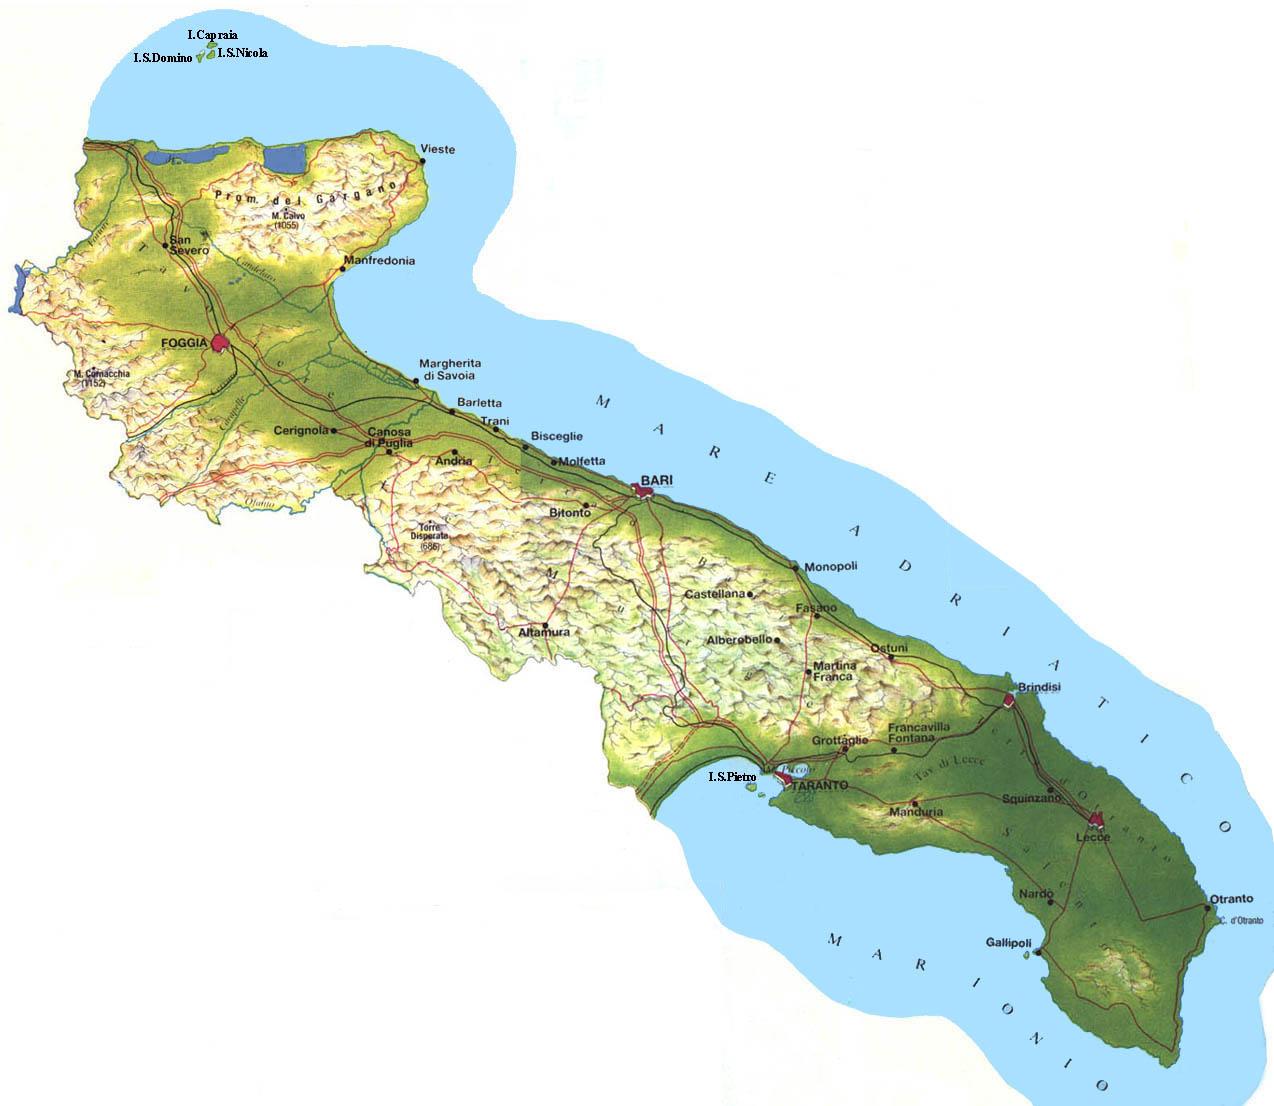 Cartina Dettagliata Puglia.Regione Puglia Al Via La Discussione Sulle Norme Per L Edilizia Arch In Geo